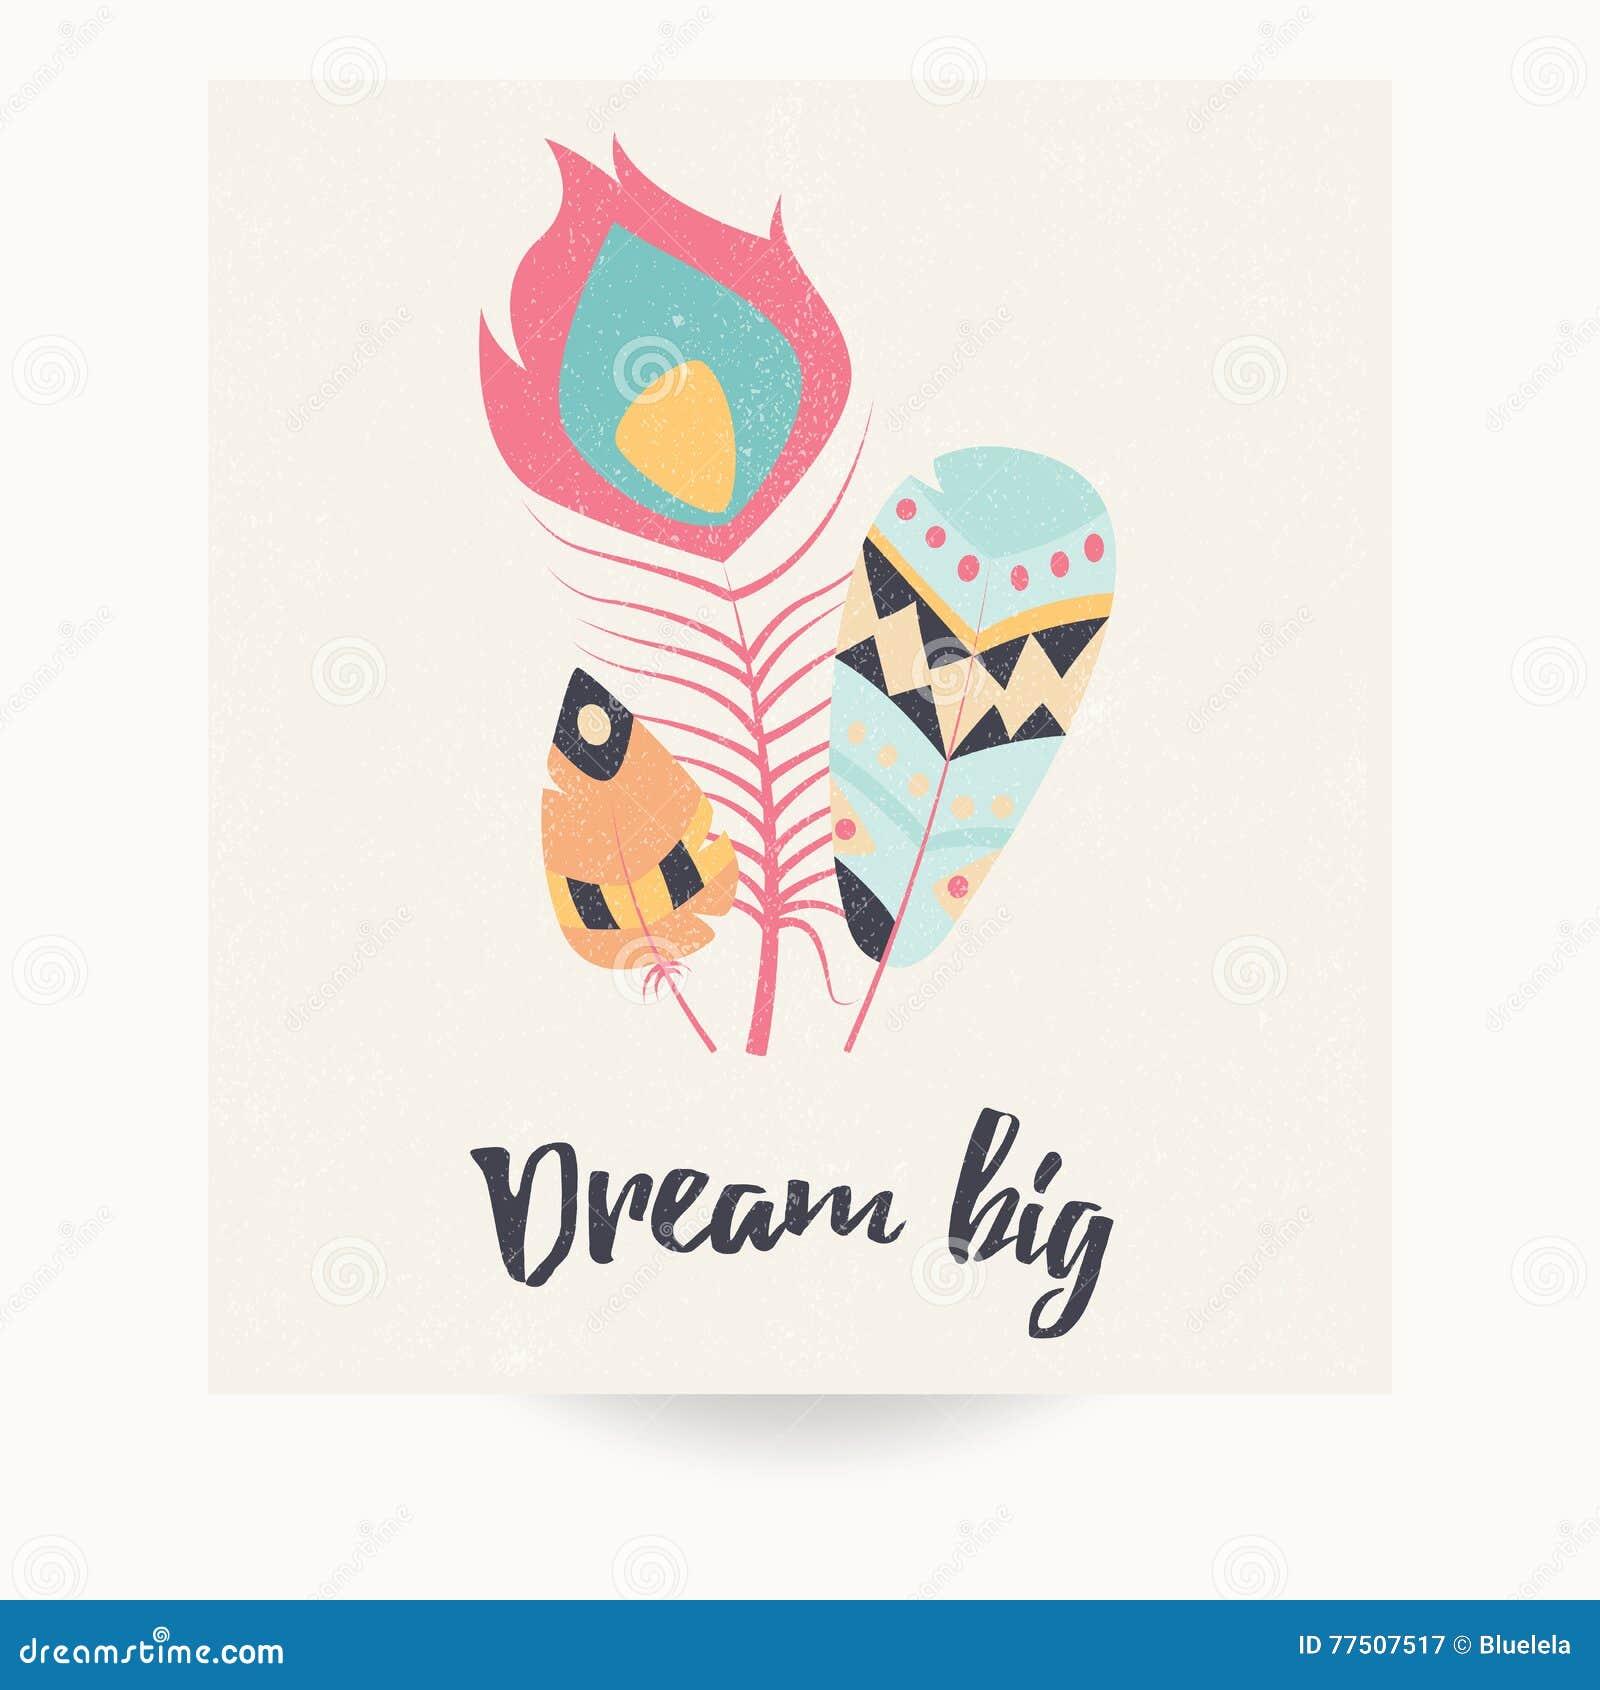 Дизайн открытки с вдохновляющей цитатой и богемскими красочными пер